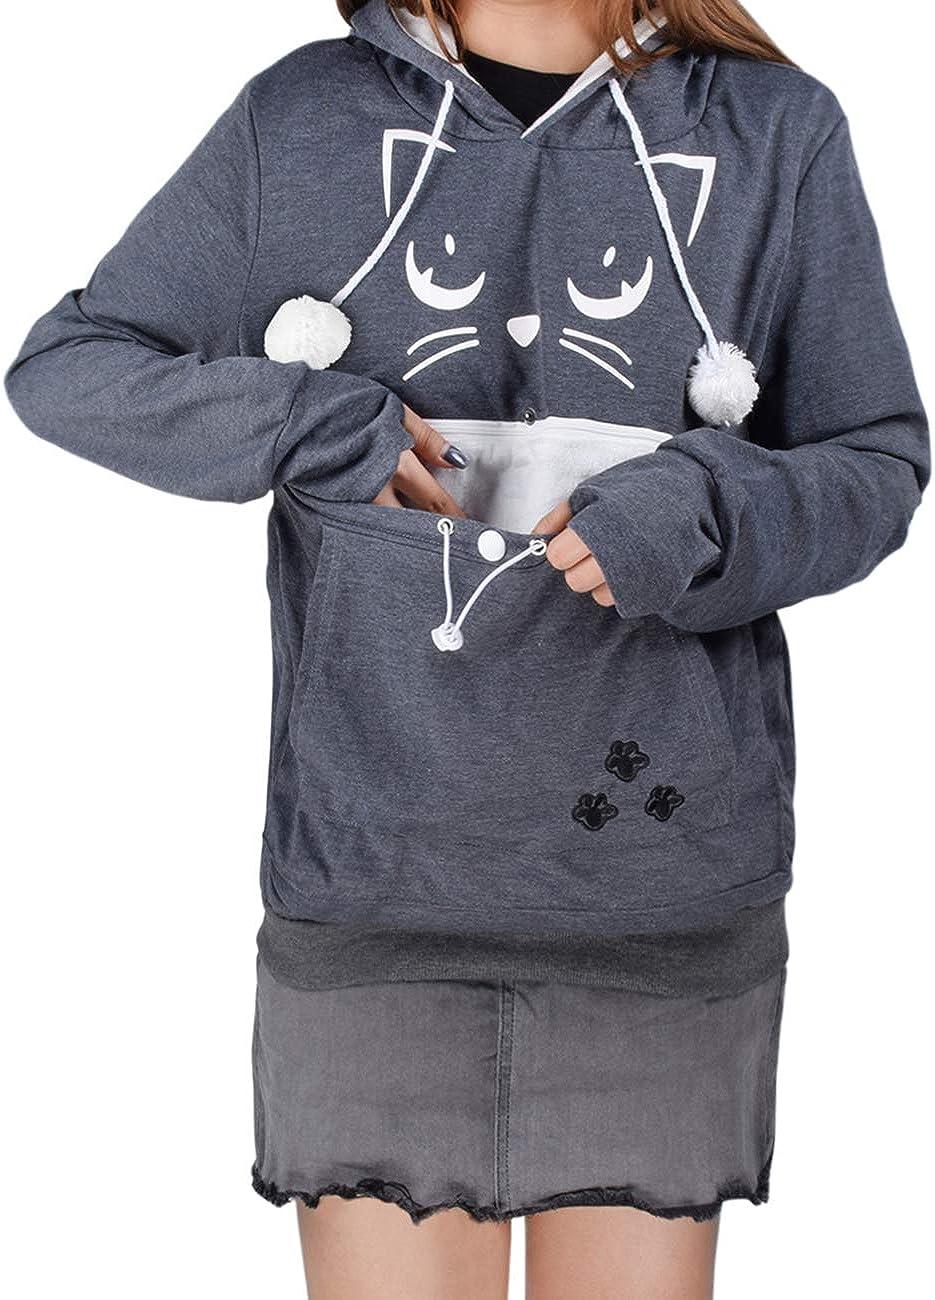 Mode Sweatshirt Kapuze Taschenbeutel Hoodie Hundetasche Haustier Halter Lange /Ärmel Lose Pullover Top Bluse besbomig Unisex Kapuzenpullover mit Katzen Hund Gro/ßen Tasche